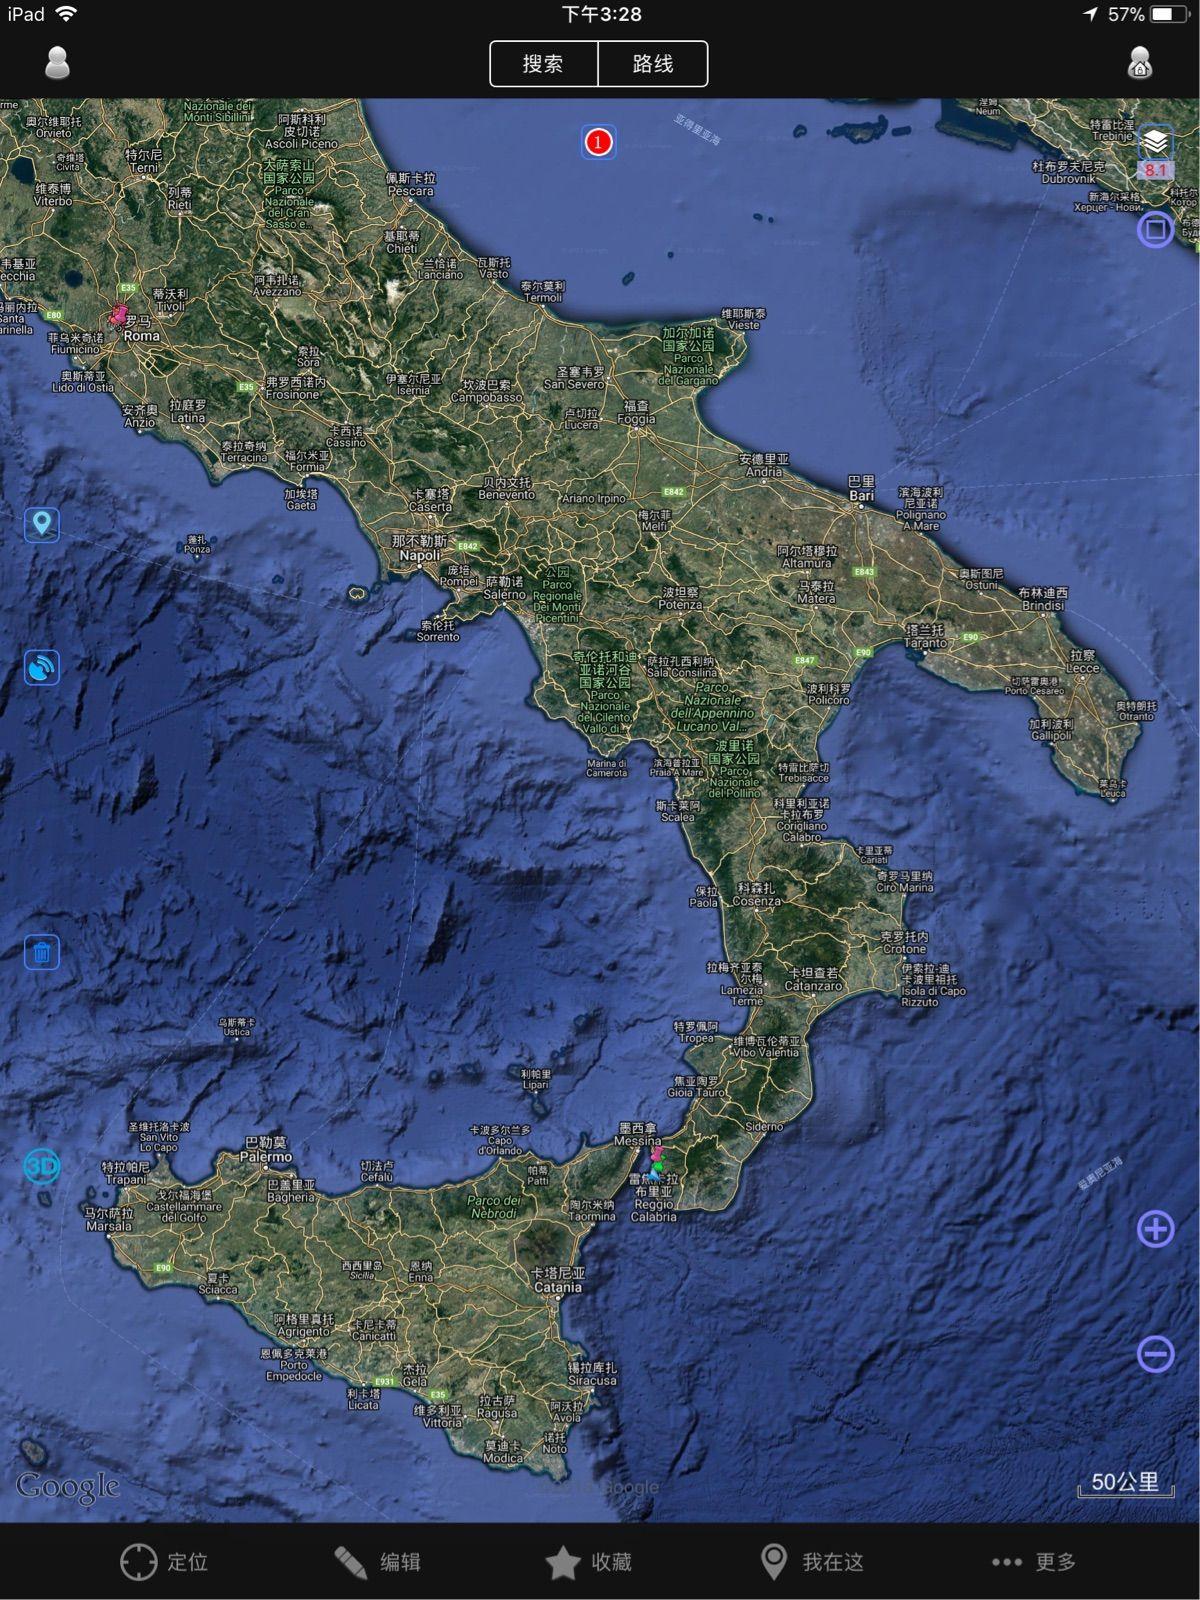 再游意大利之九 雷焦卡拉布里亚